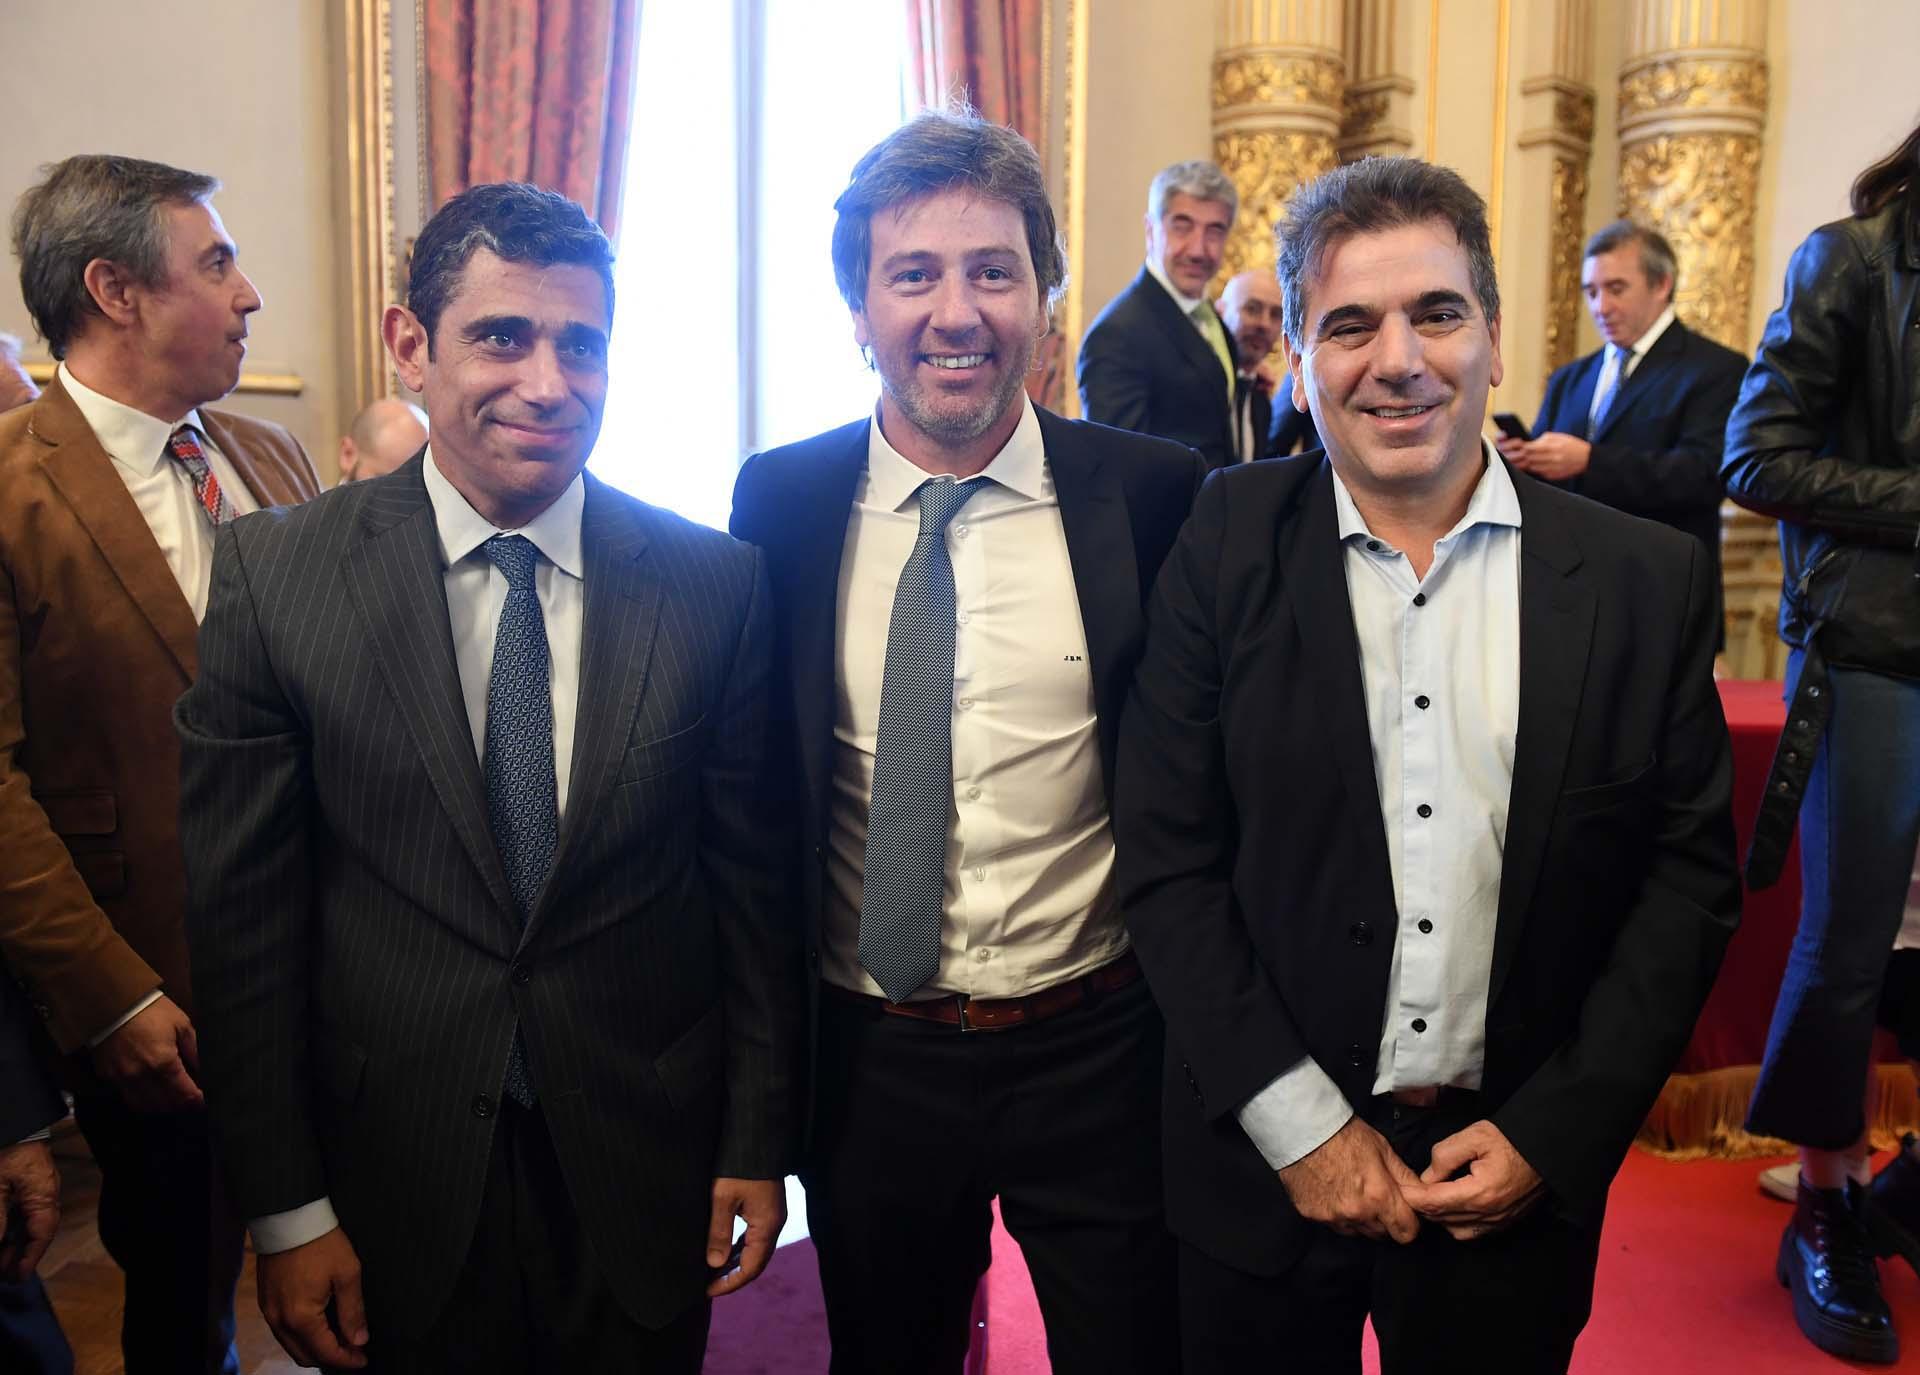 El camarista de Casación Daniel Petrone y el ministro de Seguridad de la Provincia de Buenos Aires, Cristian Ritondo, junto a Mahiques